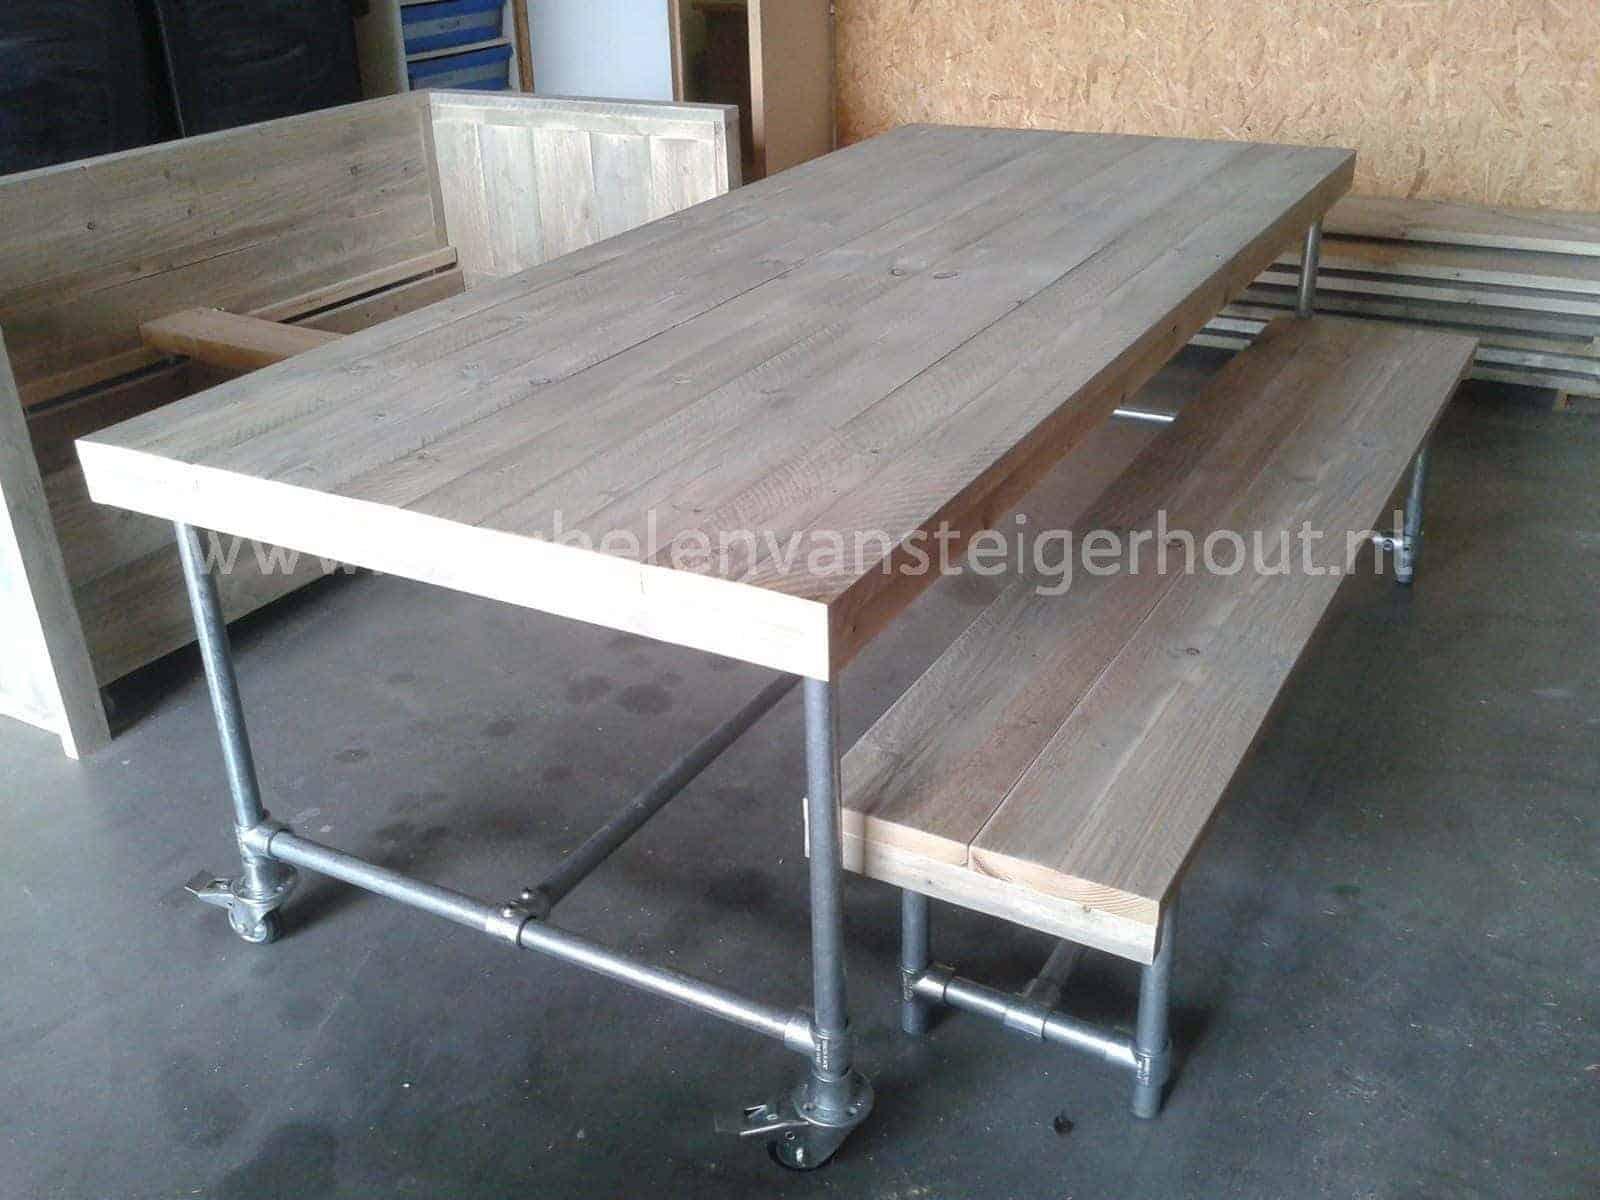 Meubels Met Steigerbuizen : Tafel met steigerbuizen onderstel op wielen meubelen van steigerhout